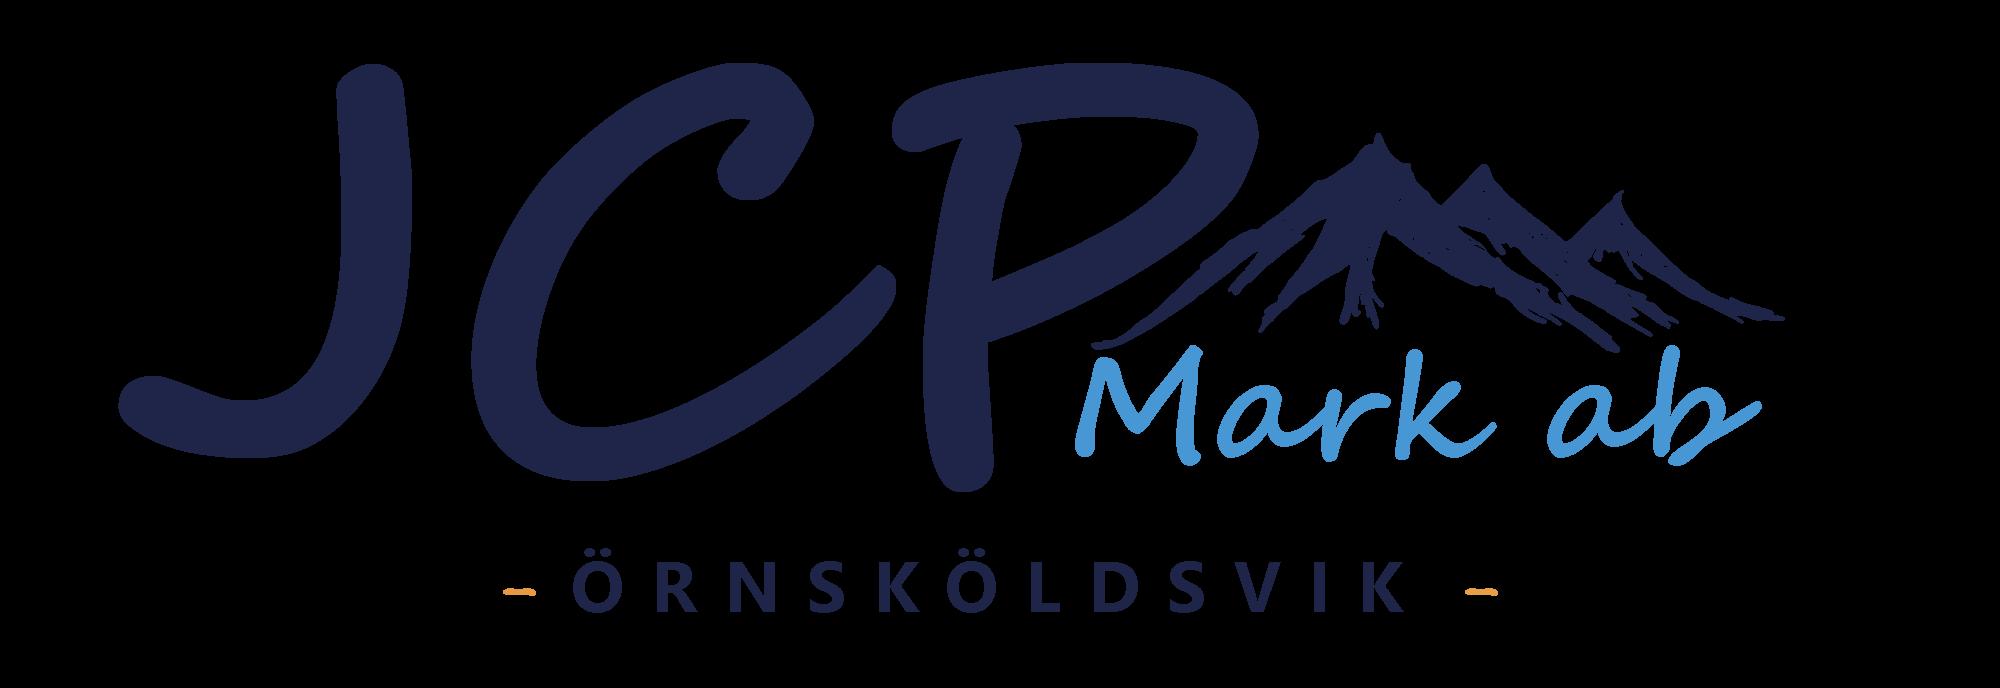 JCPmark